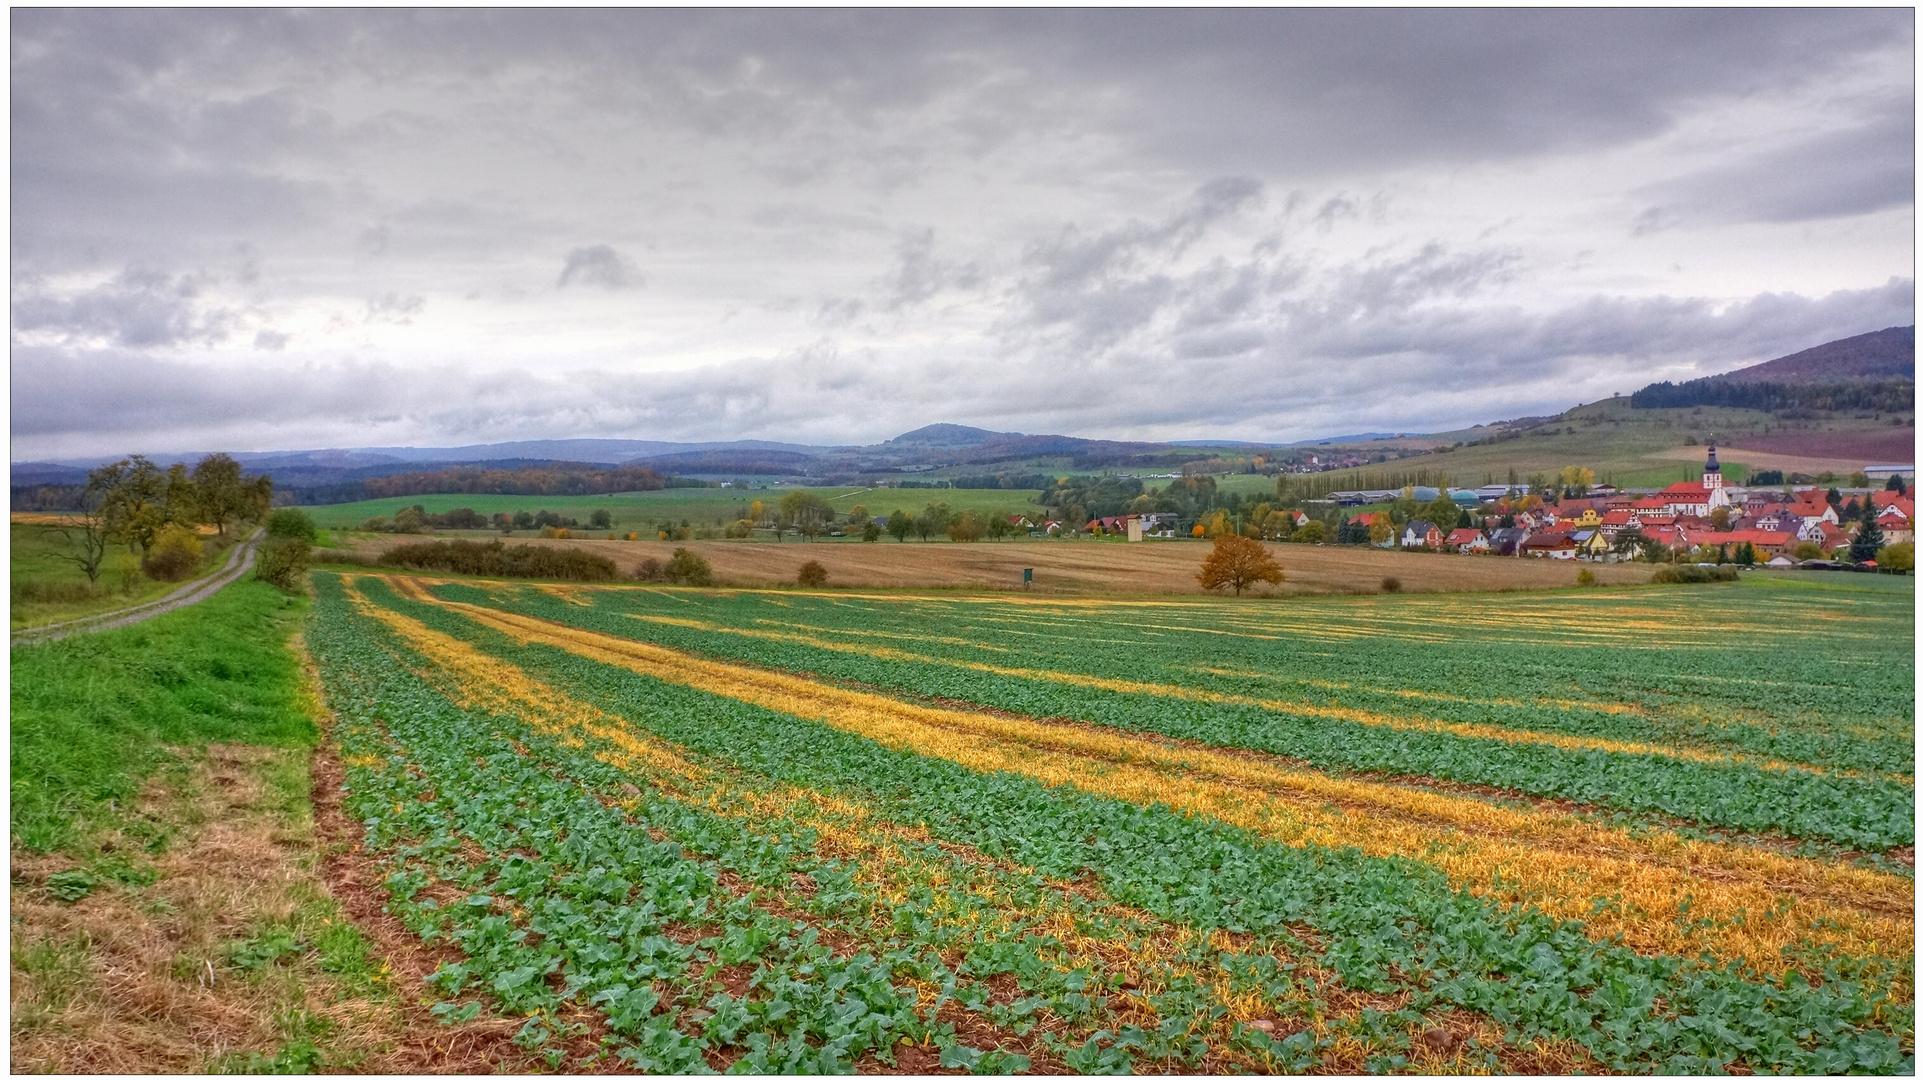 Herbstliche Landschaft III (paisaje otoñal IIl)